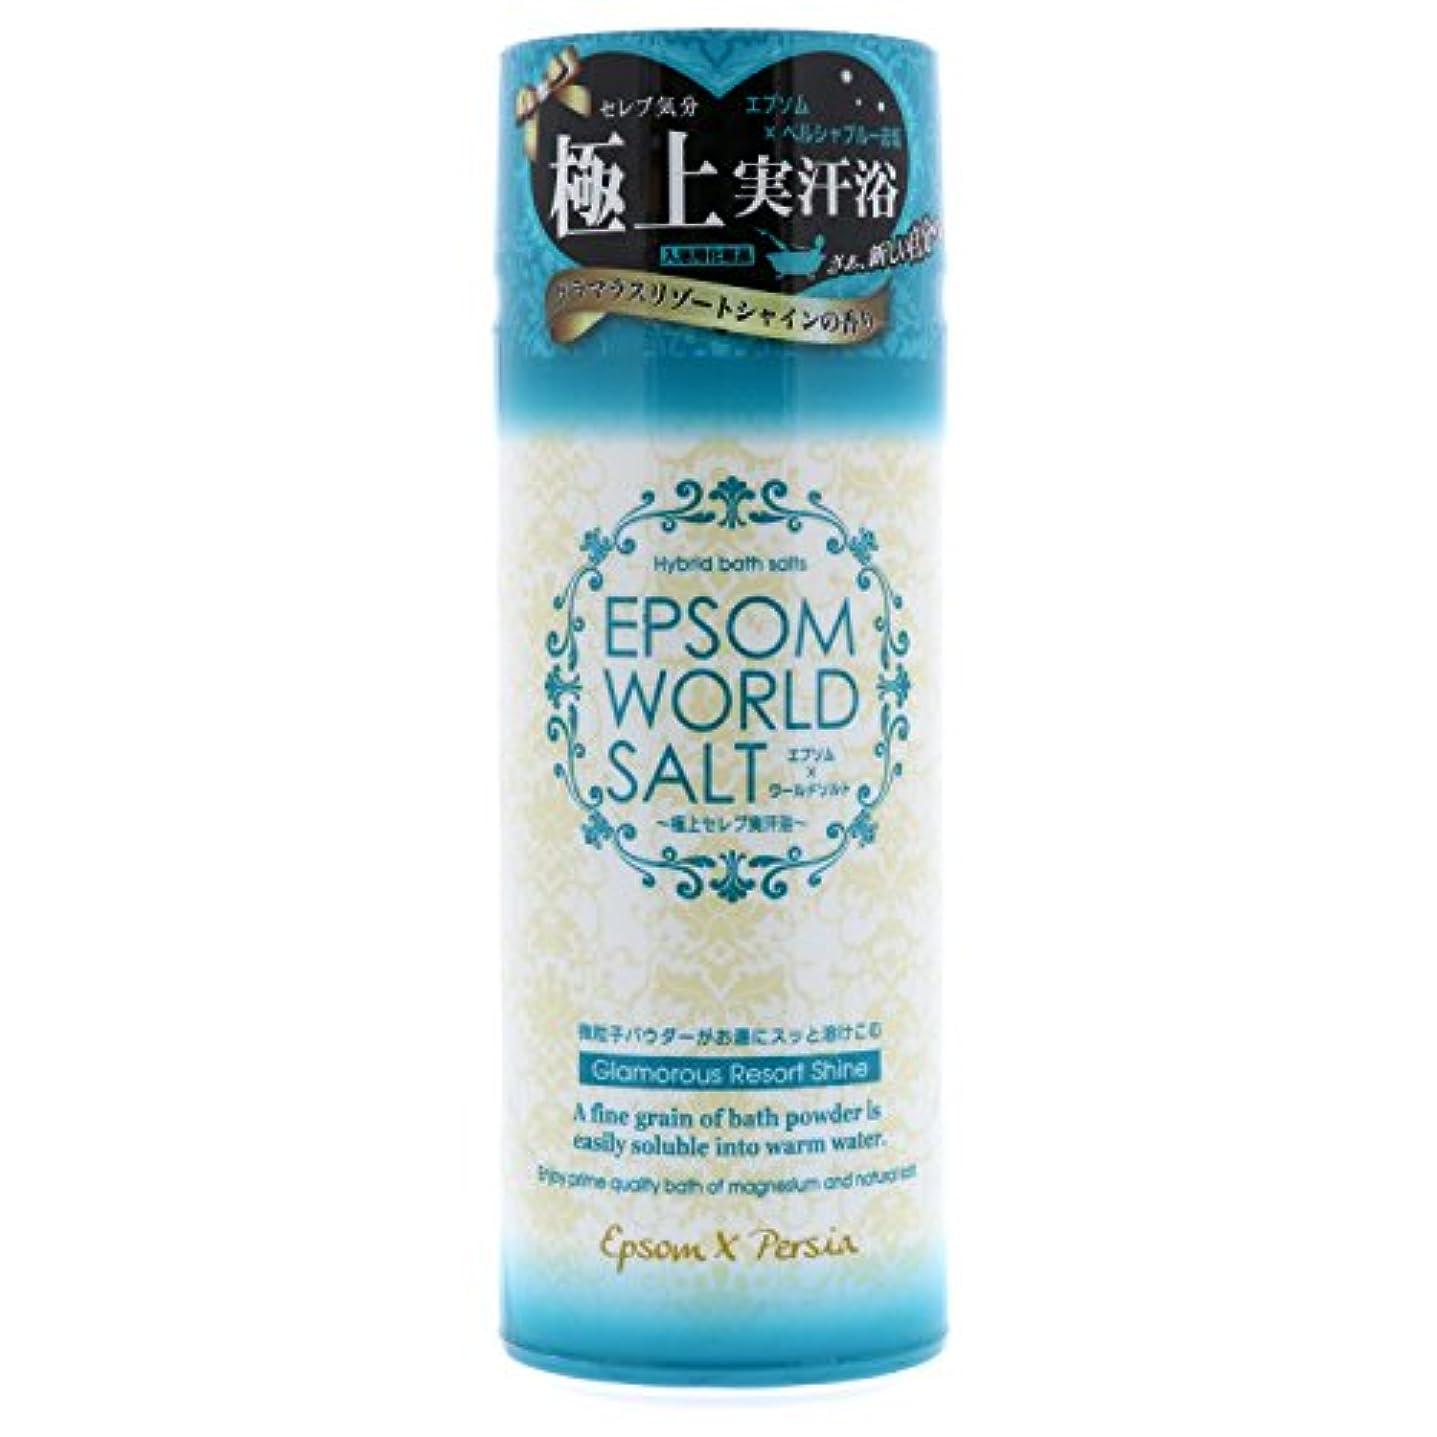 センチメートルしおれた強調エプソムワールドソルト グラマラスリゾートシャインの香り ボトル 500g